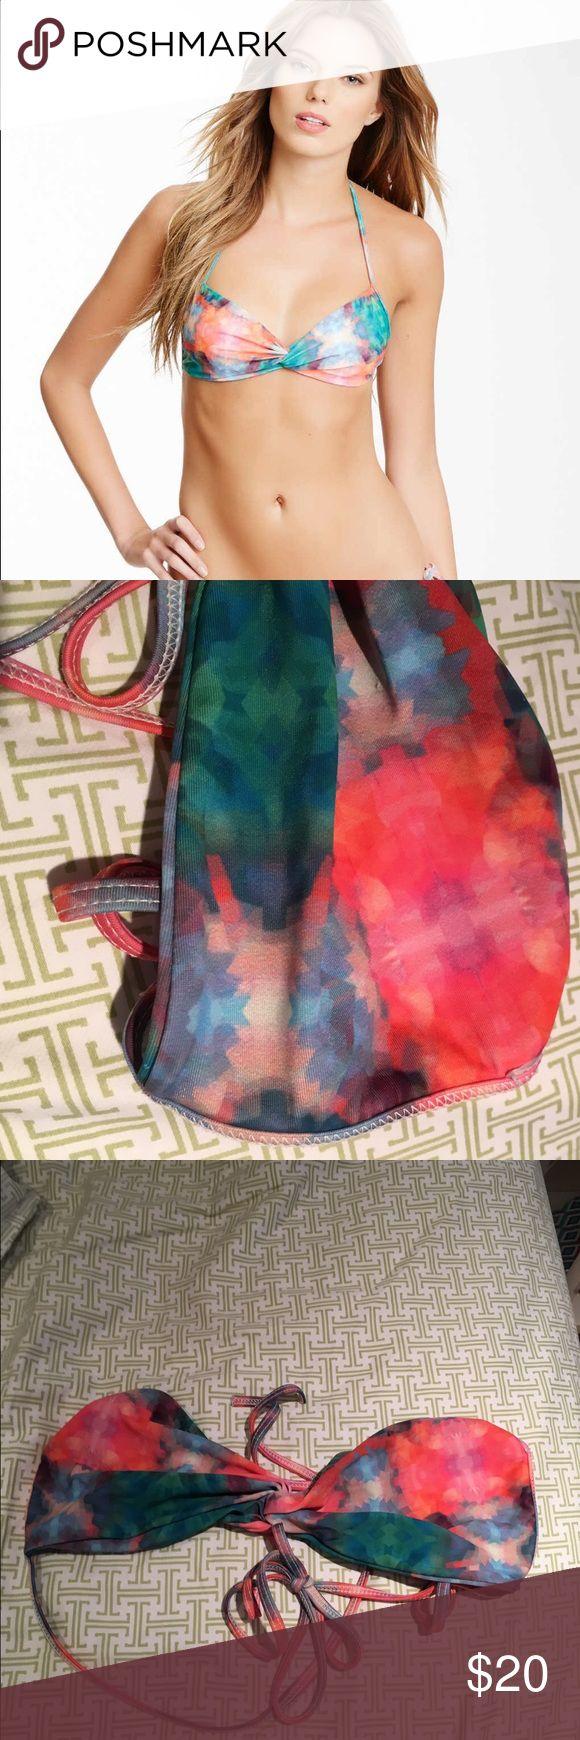 L Space Multi Color Bikini Top L Space Multi Color Bikini Top ••size large ••stellar condition, except tag is cut out ••price negotiable, no trades l*space Swim Bikinis